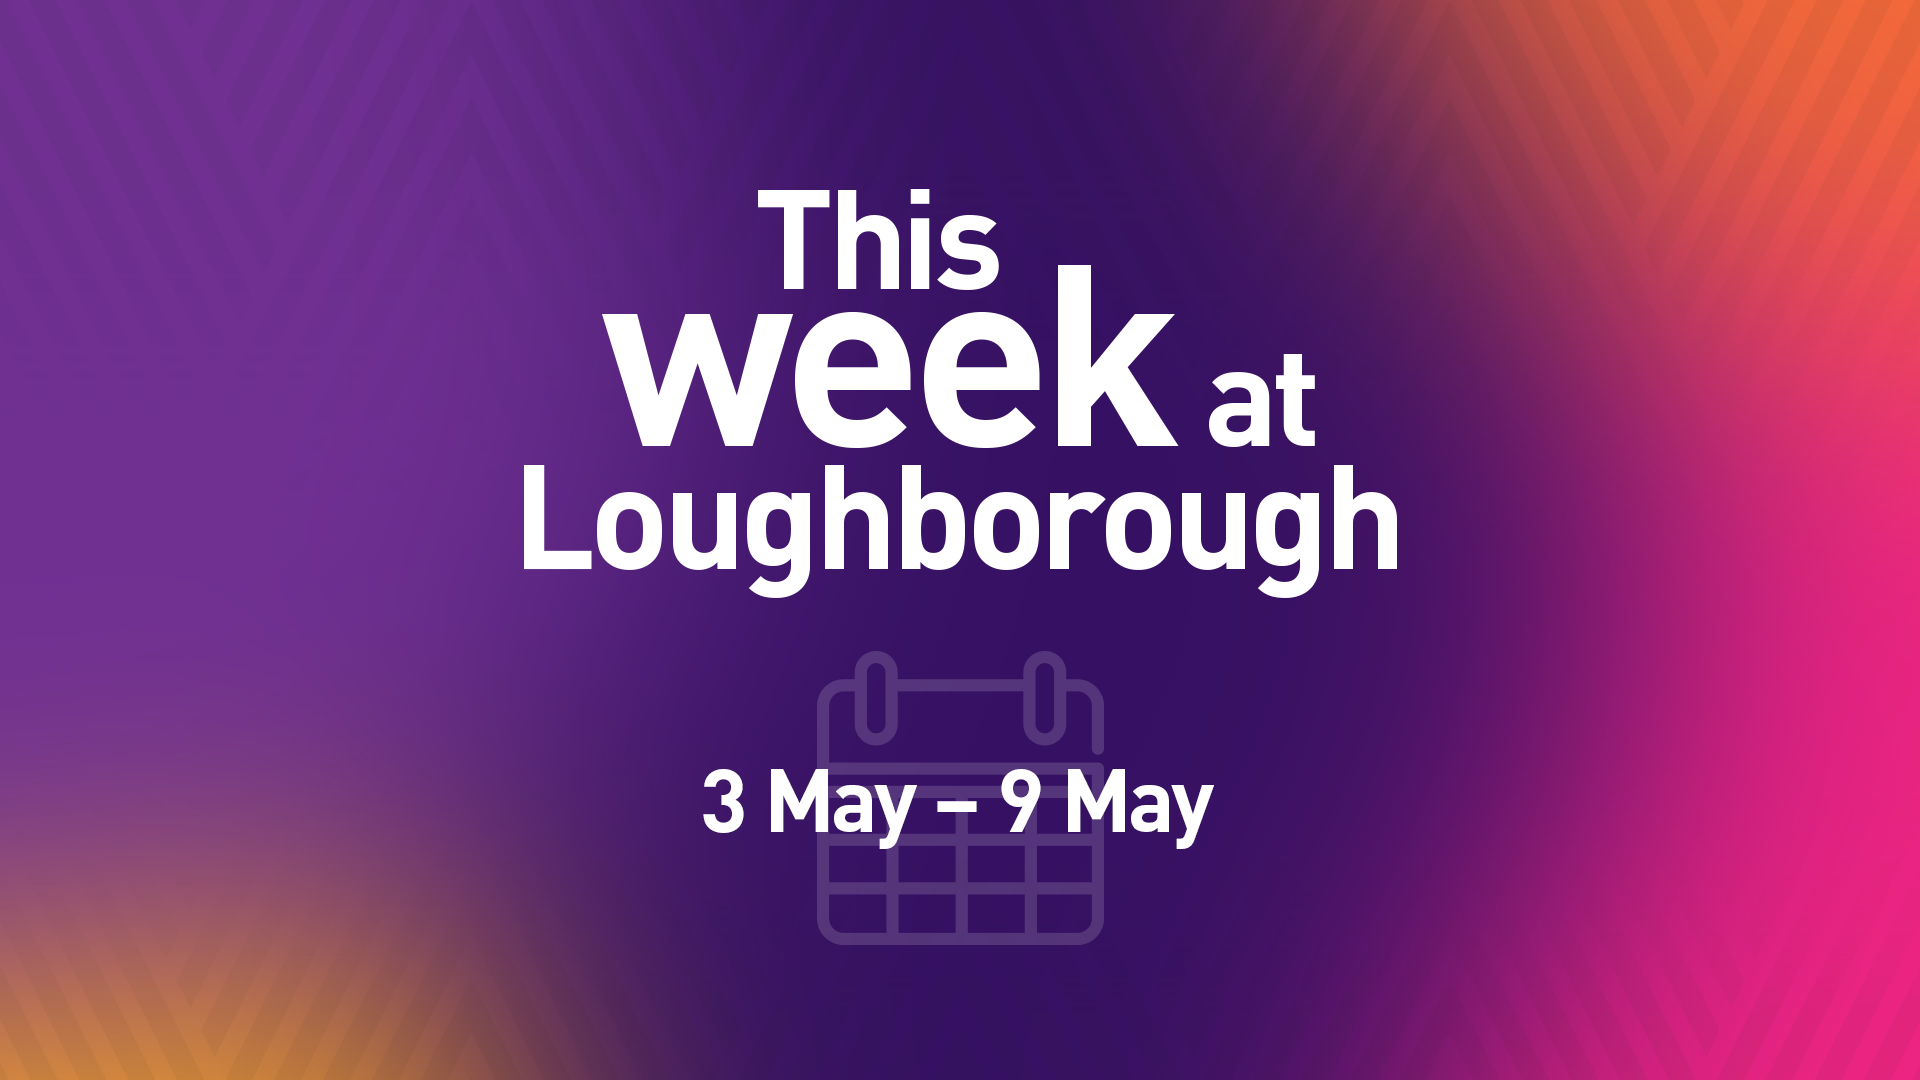 This Week at Loughborough | 3 May